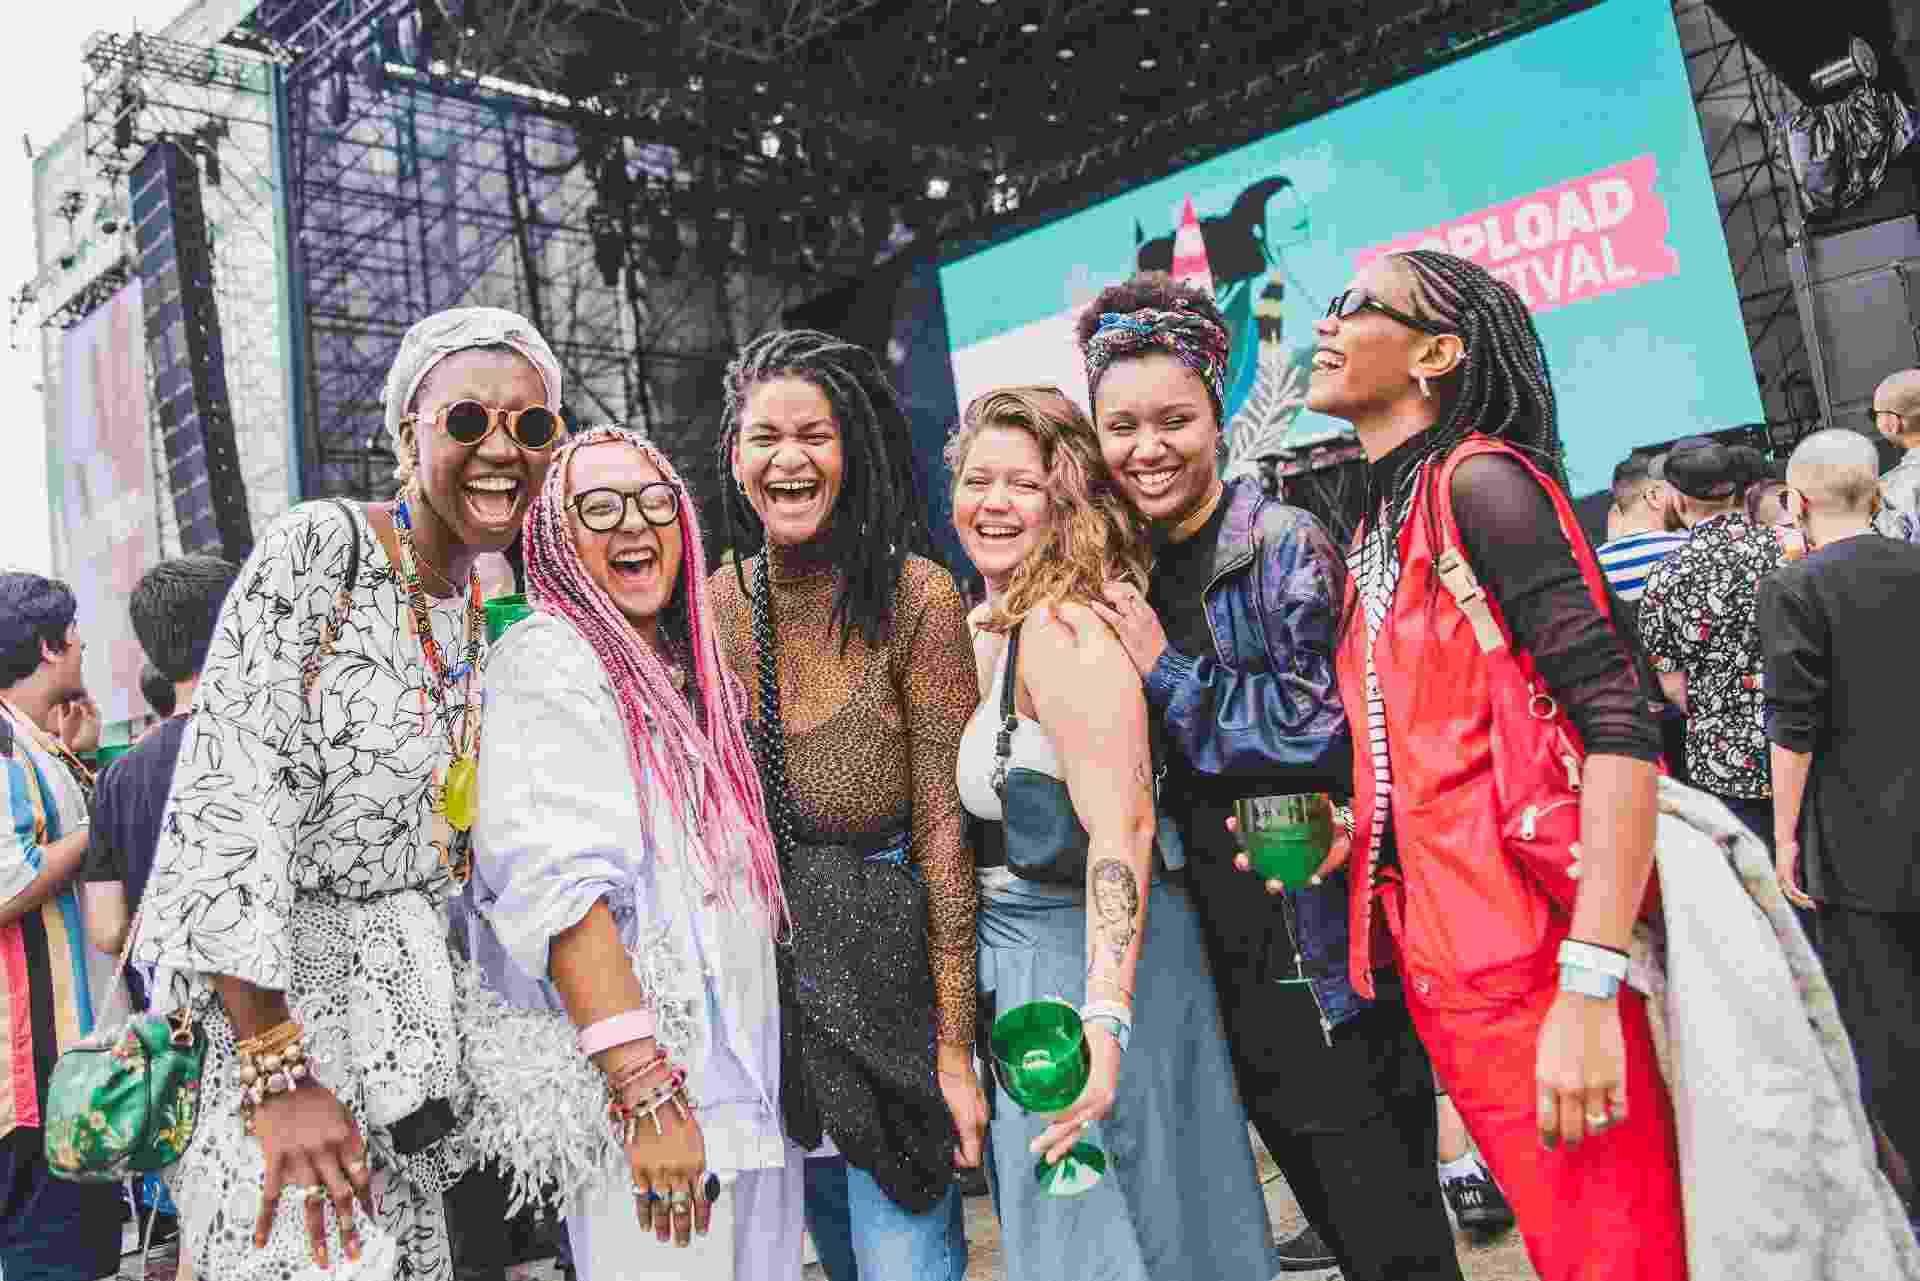 Público do Popload Festival caprichou nos looks para os shows em SP - Fernanda Tiné/UOL